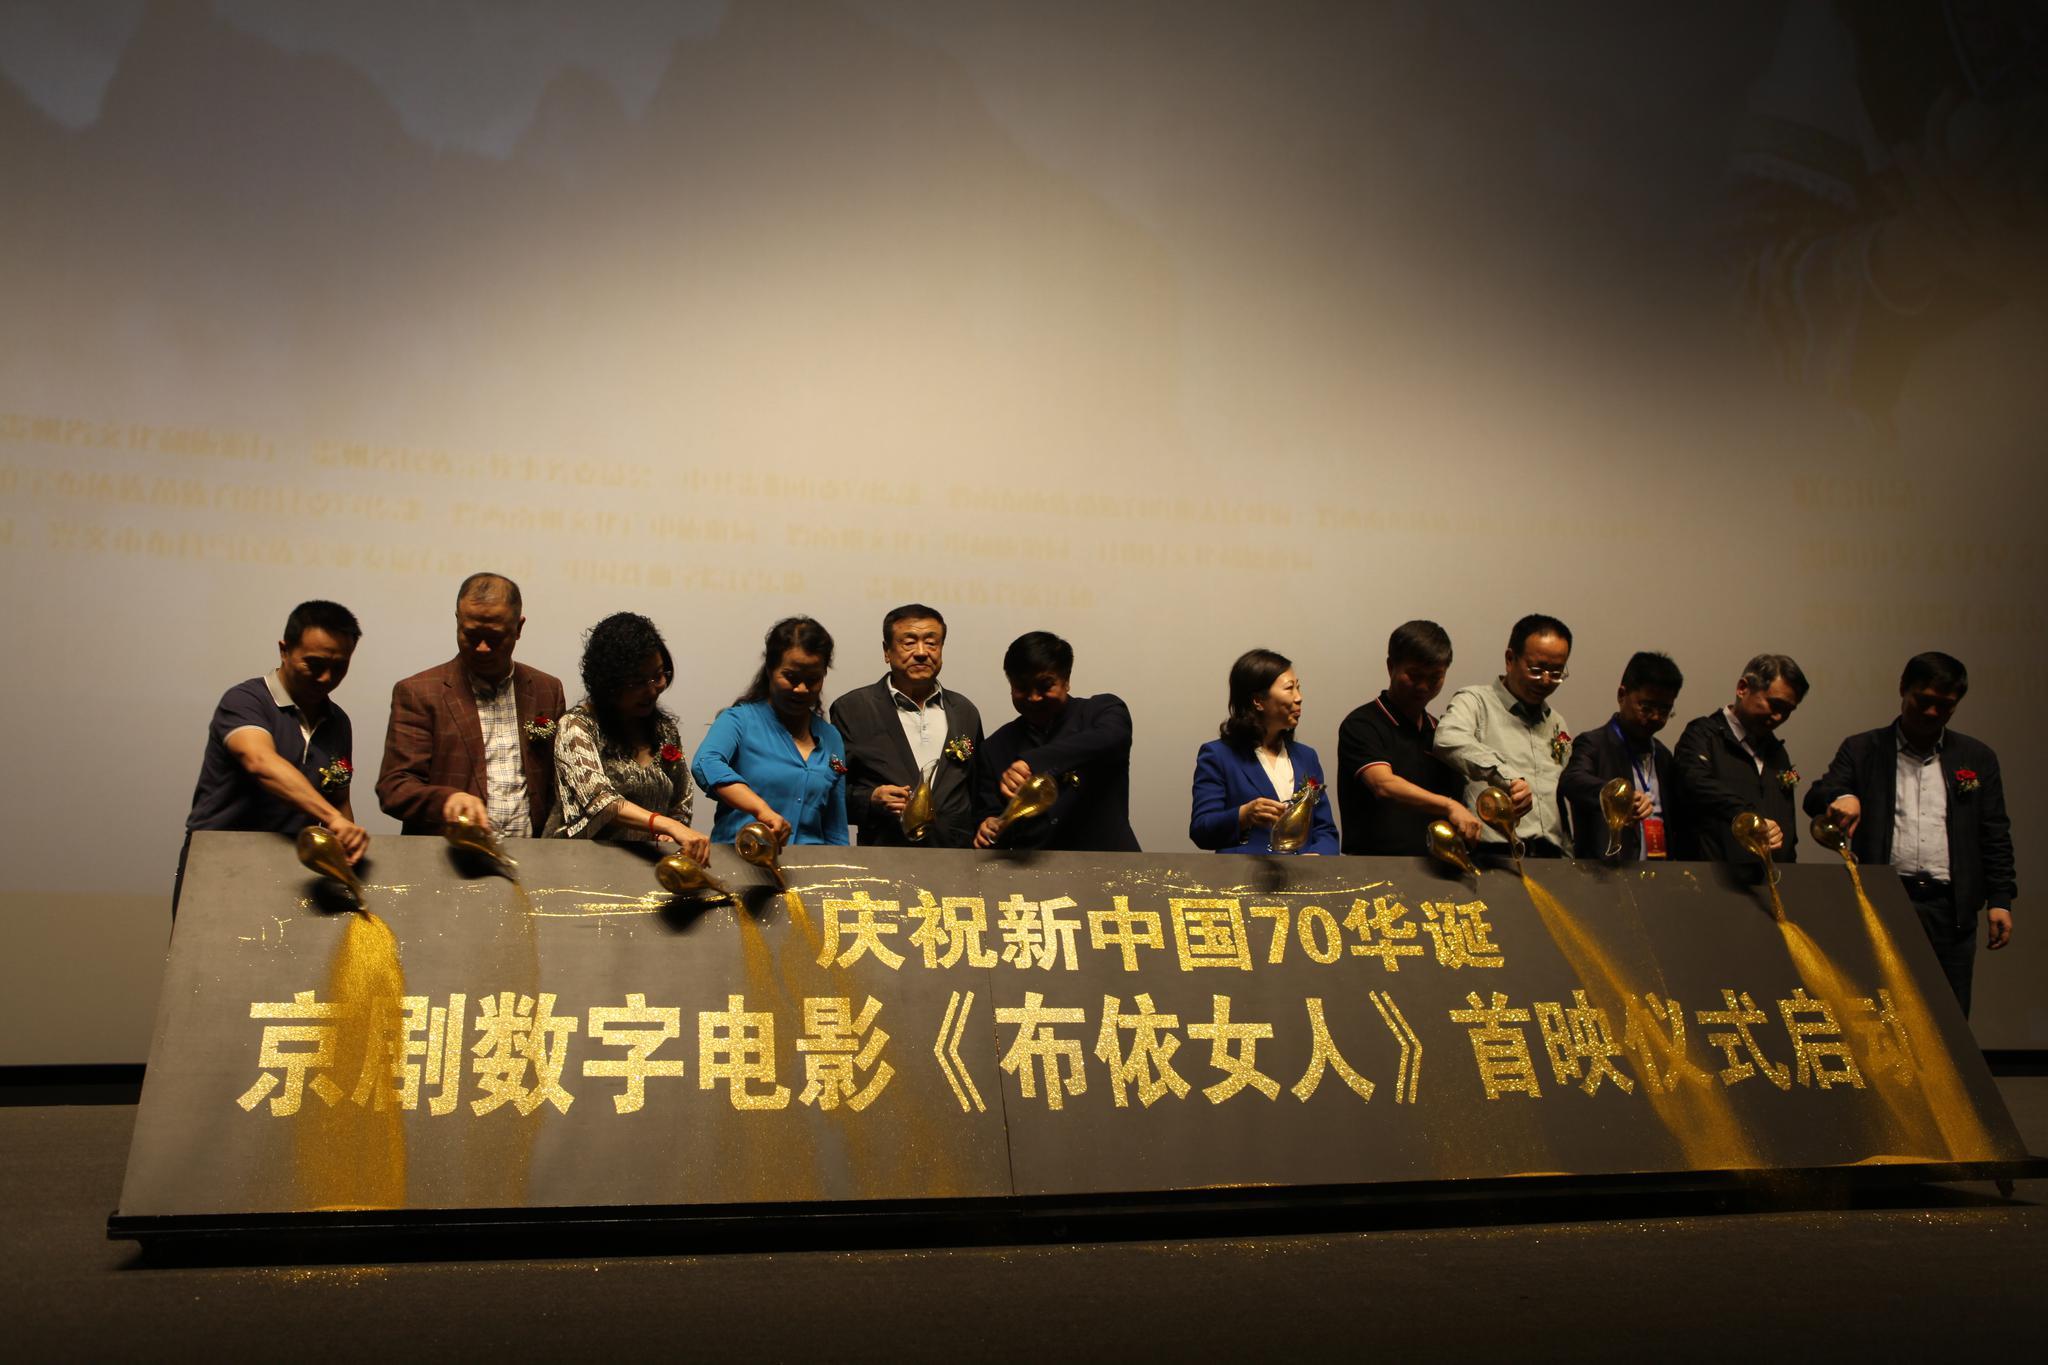 贵阳市出品实景数字京剧电影《布依女人》在筑首映